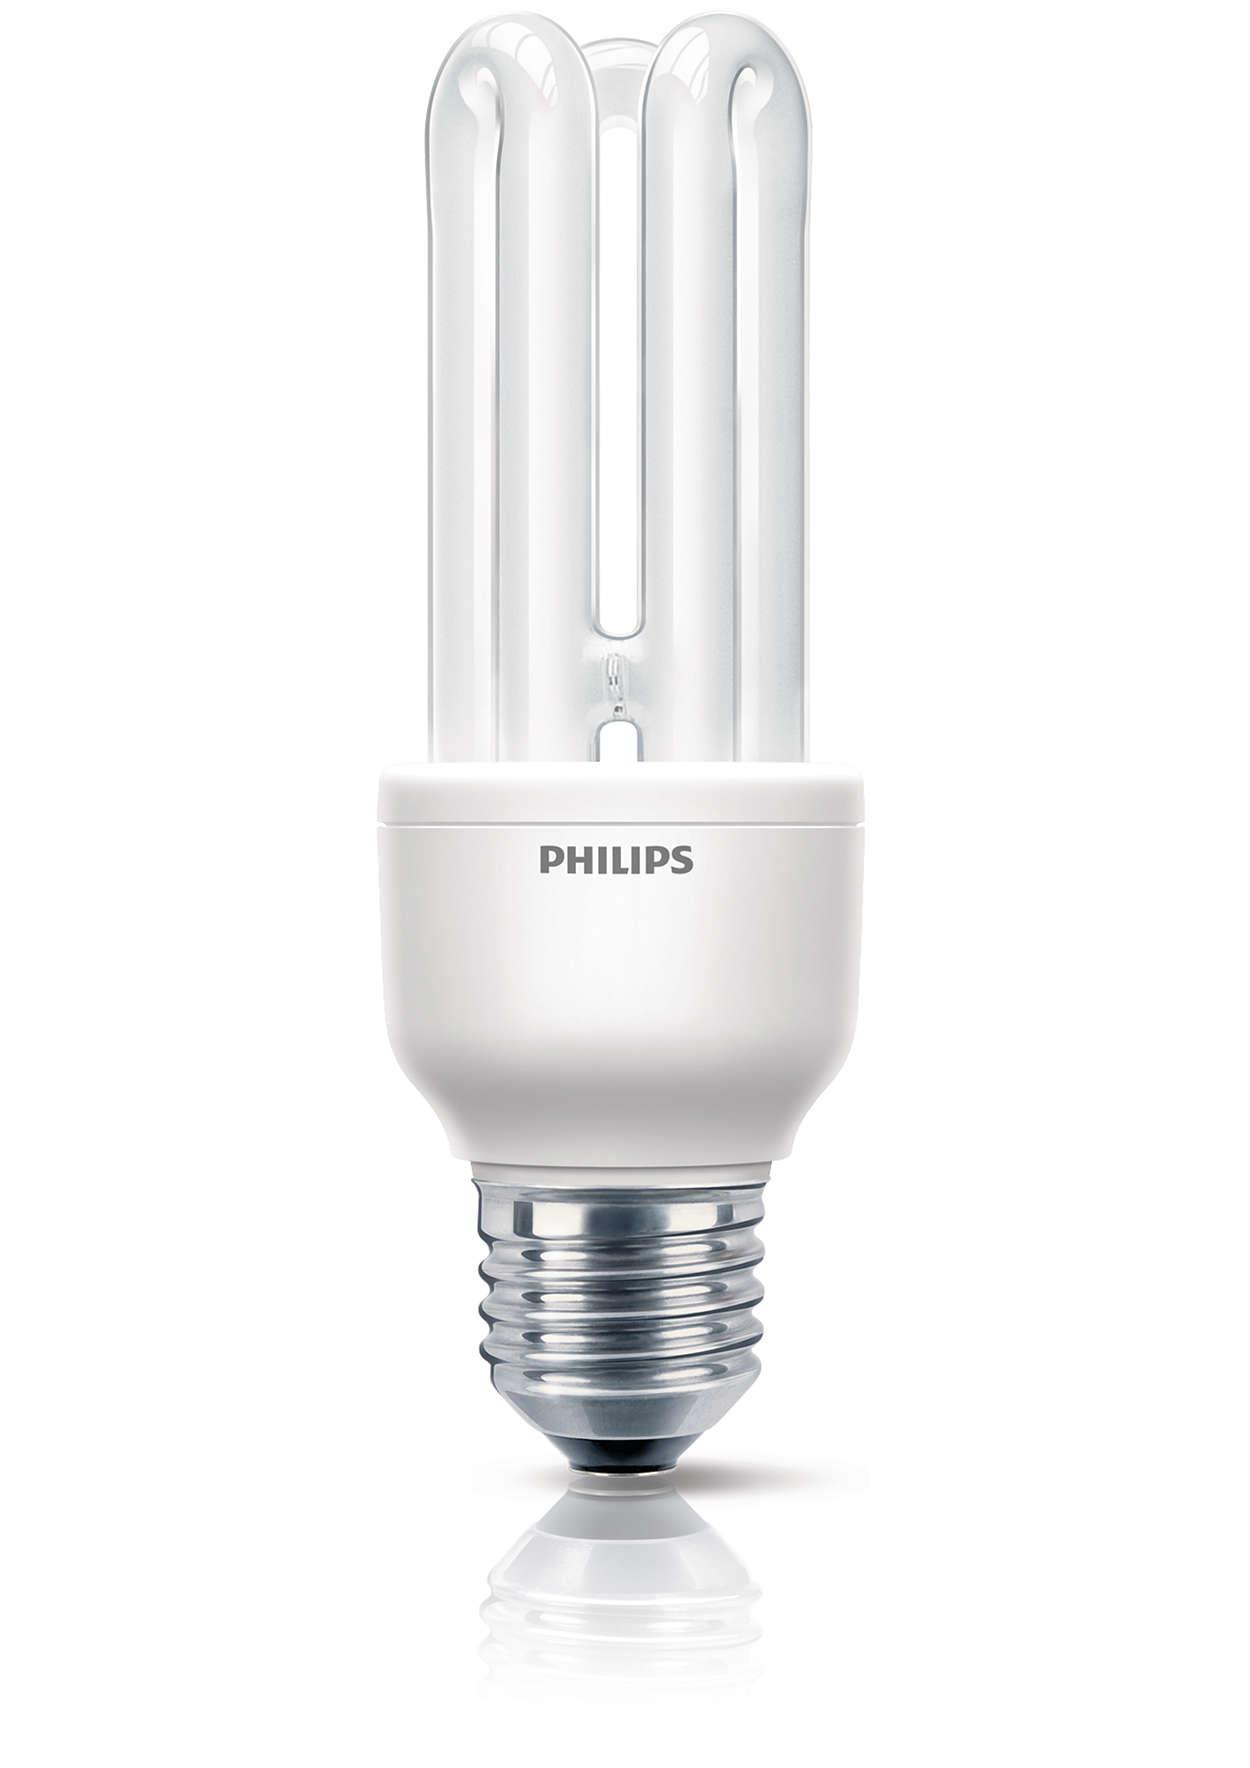 Calidad de Philips a un precio reducido